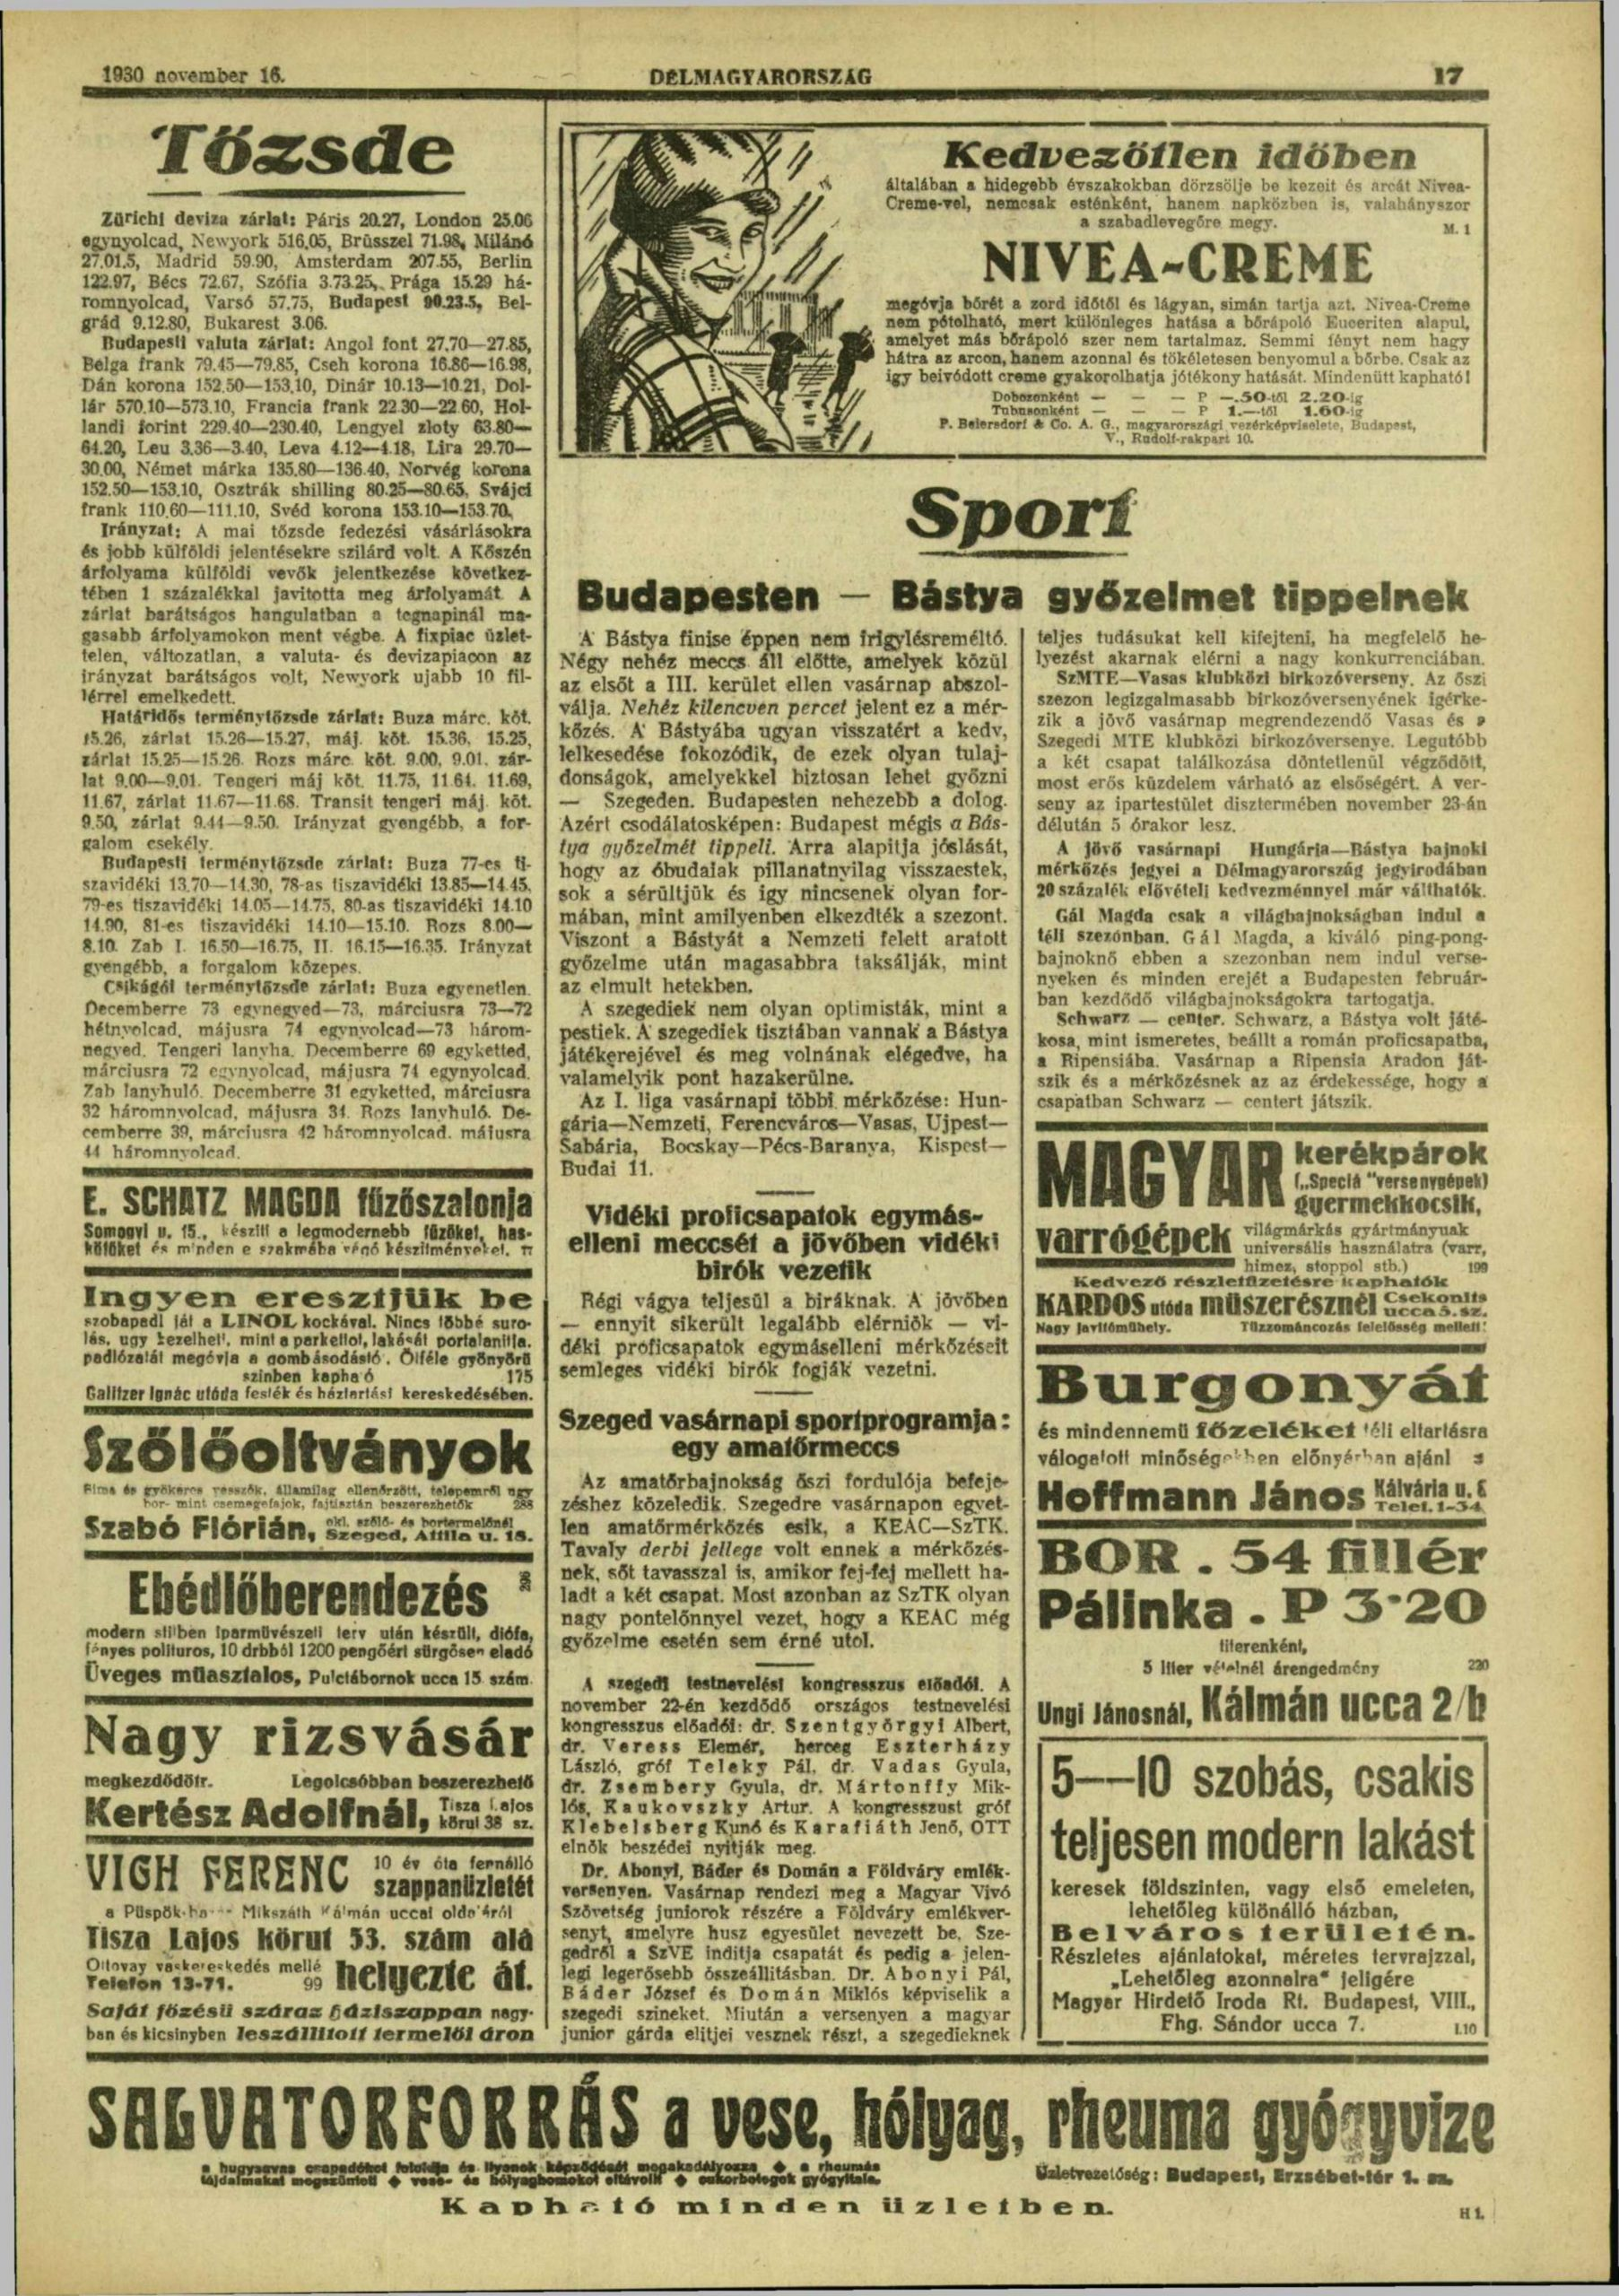 Délmagyarország, 1930. november, 151. oldal